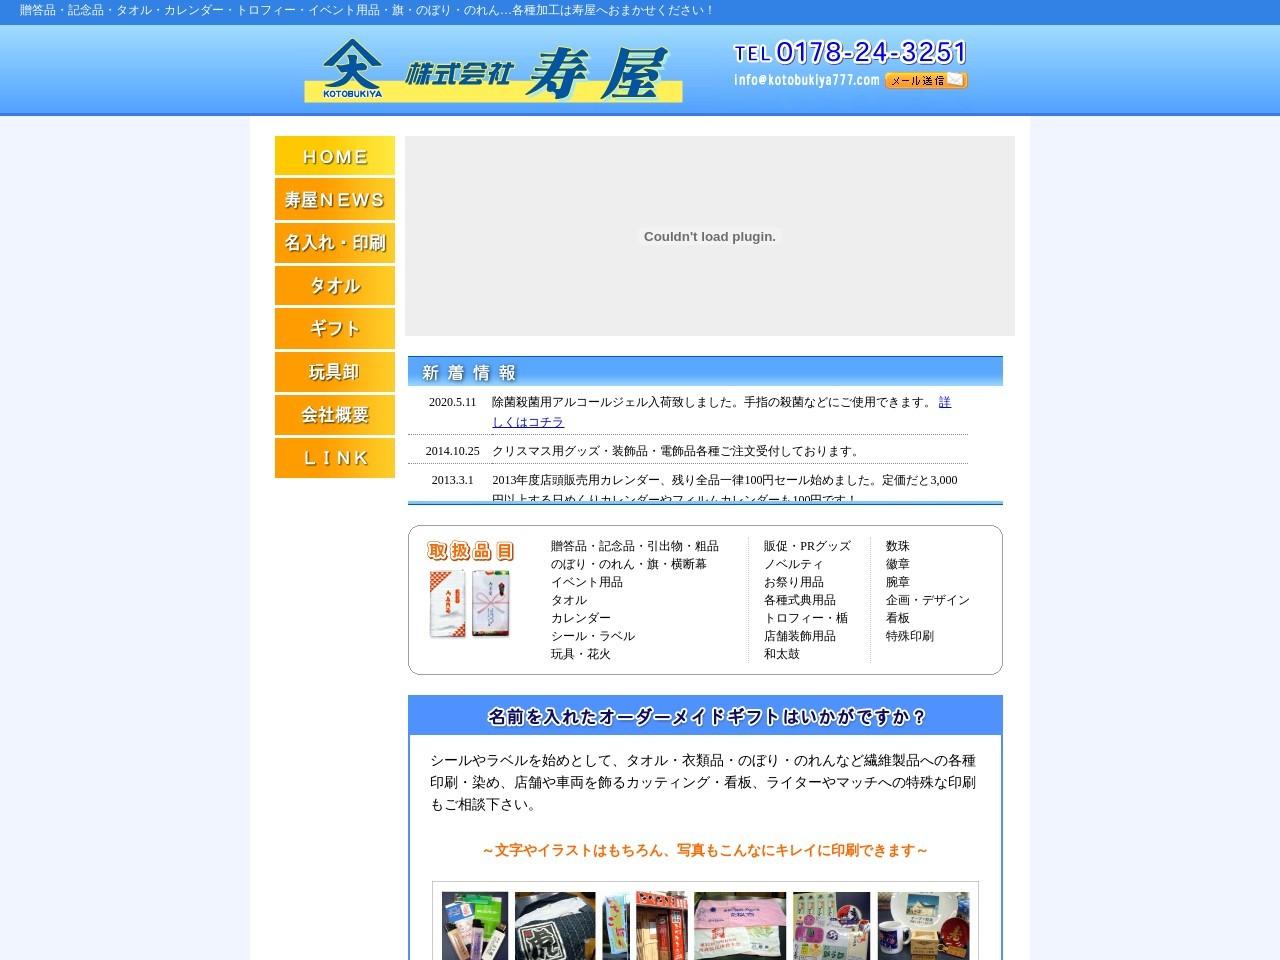 株式会社 寿屋 | 特殊印刷・名入れなどの各種加工は、青森県八戸市の寿屋へお任せください!